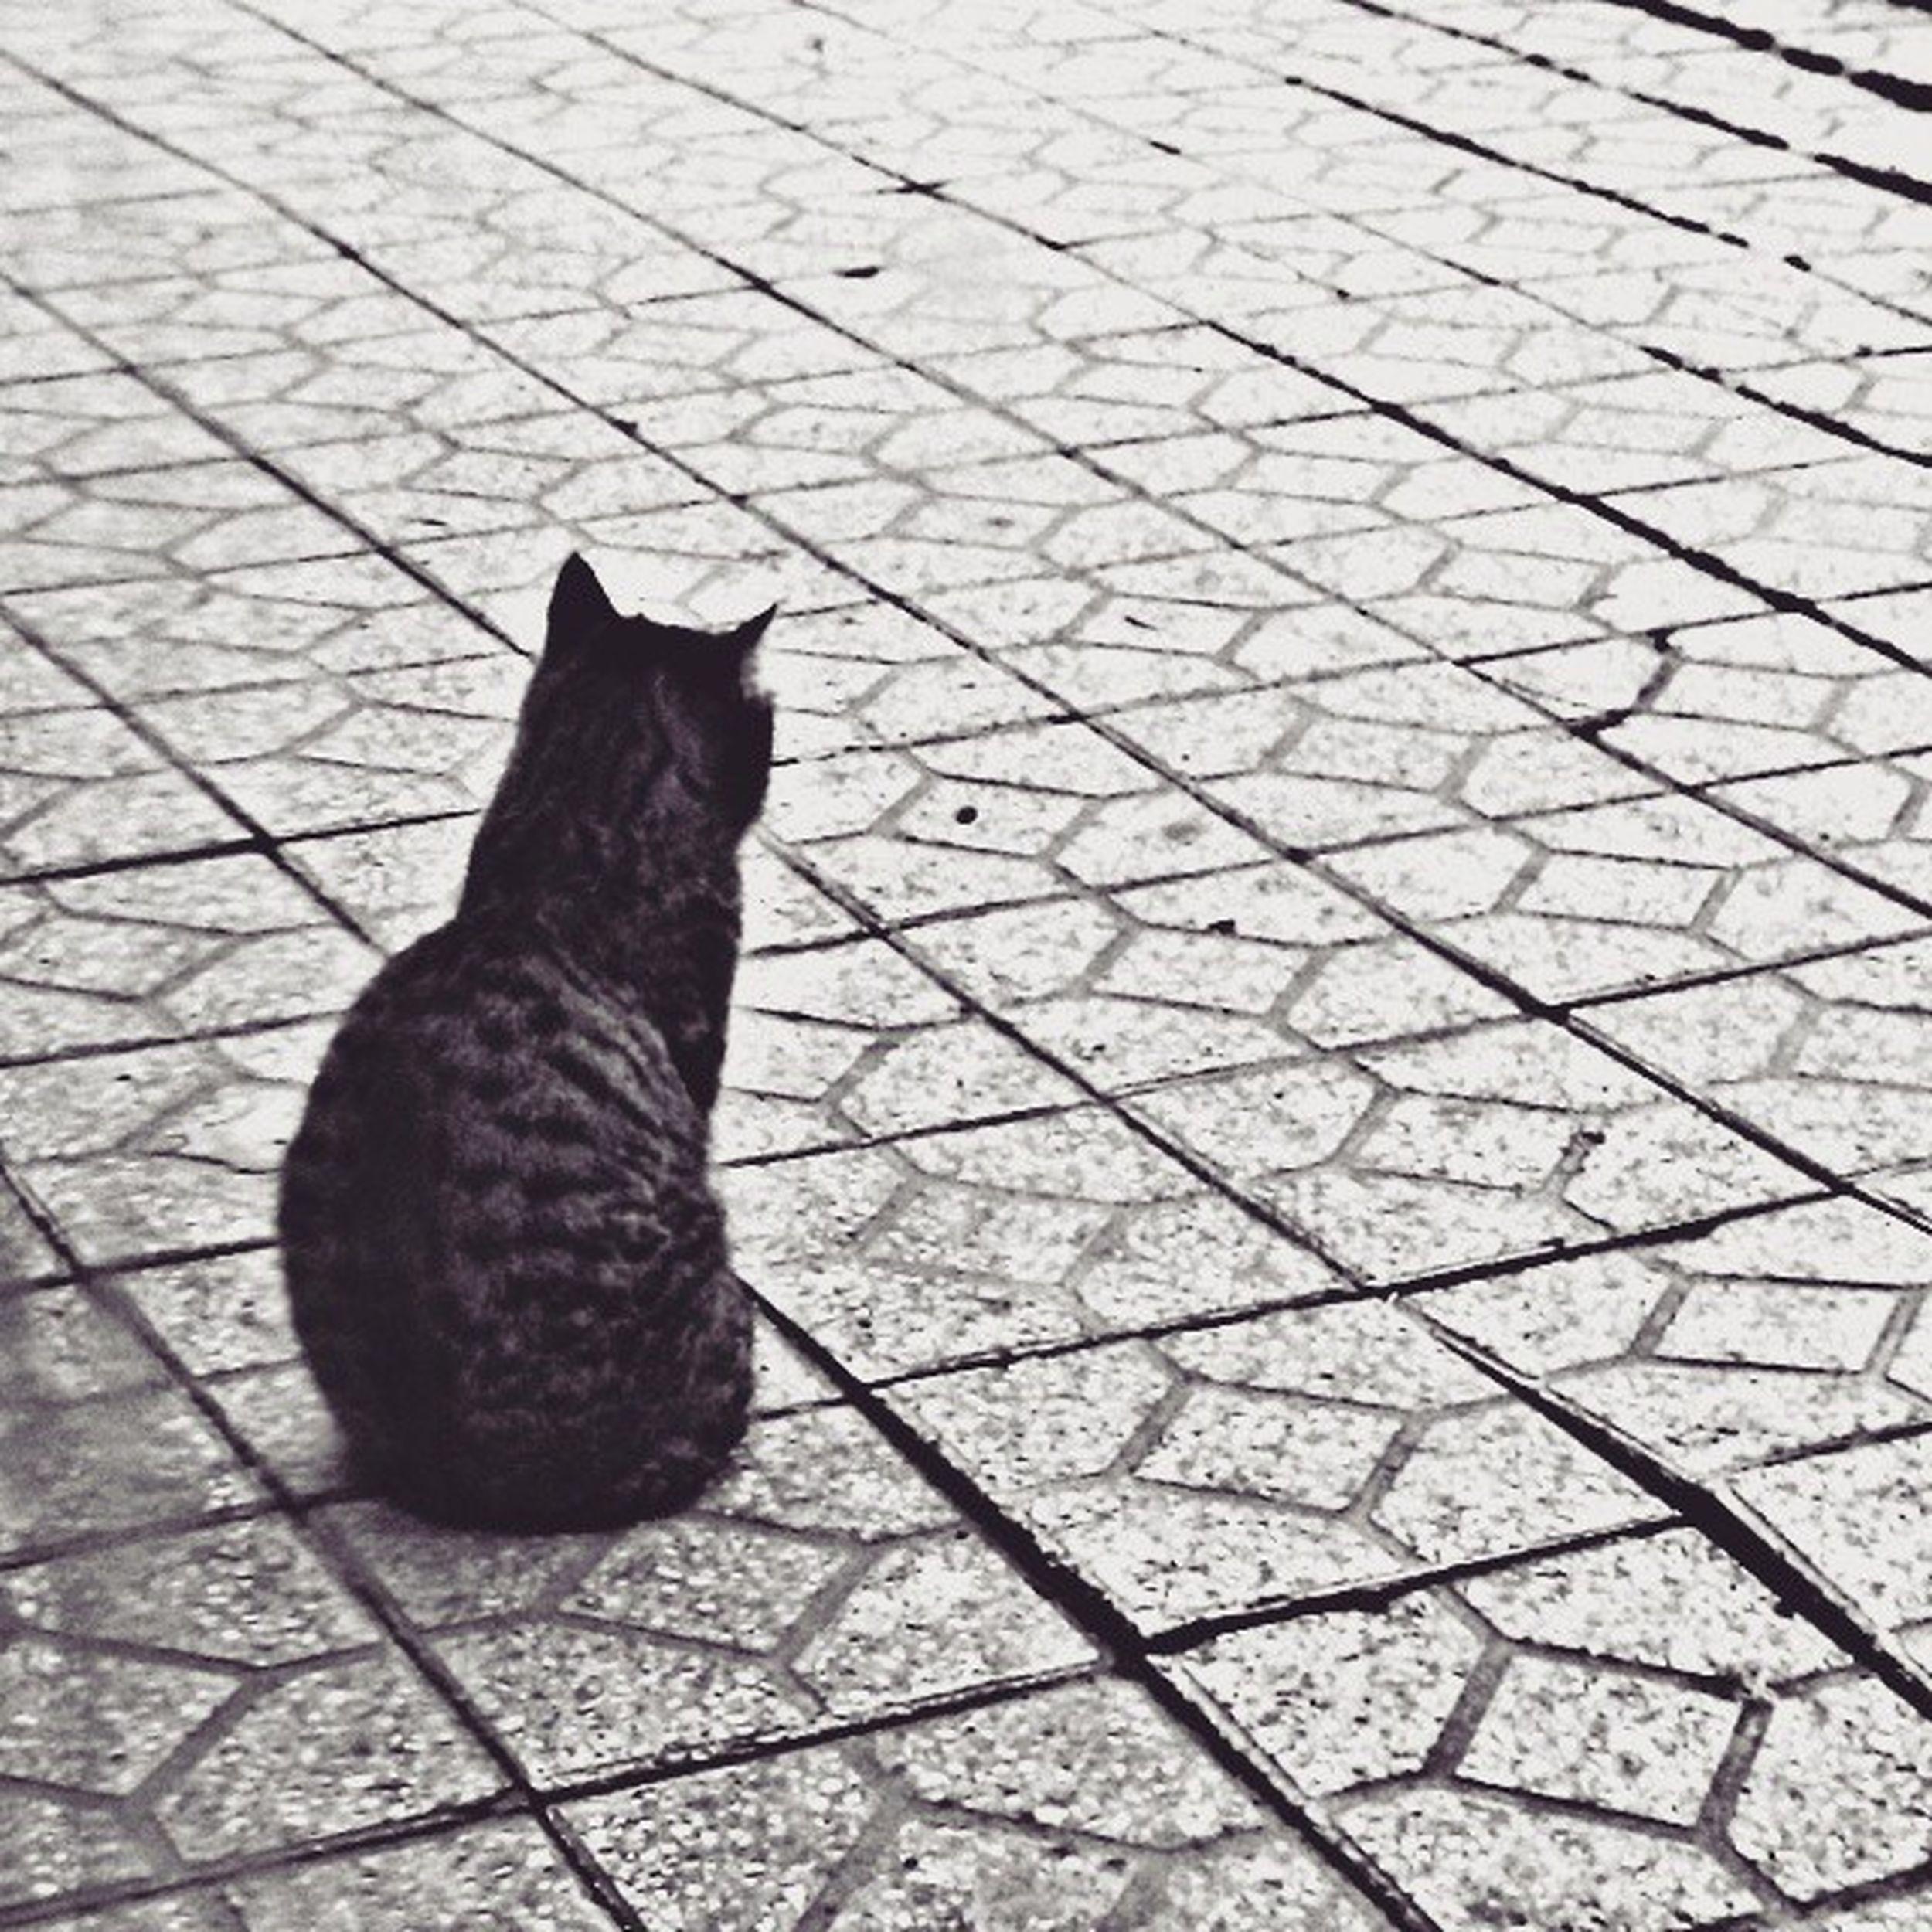 آنچه گفتم شدي و آنچه نگفتم بودي گربه ي مرده شدم،گريه ي جفتم بودي نه لبي مانده به بوسه،نه لبي روي لبي منم و استرس و خاطره هاي عصبي مهدي_موسوي My Best Photo 2015